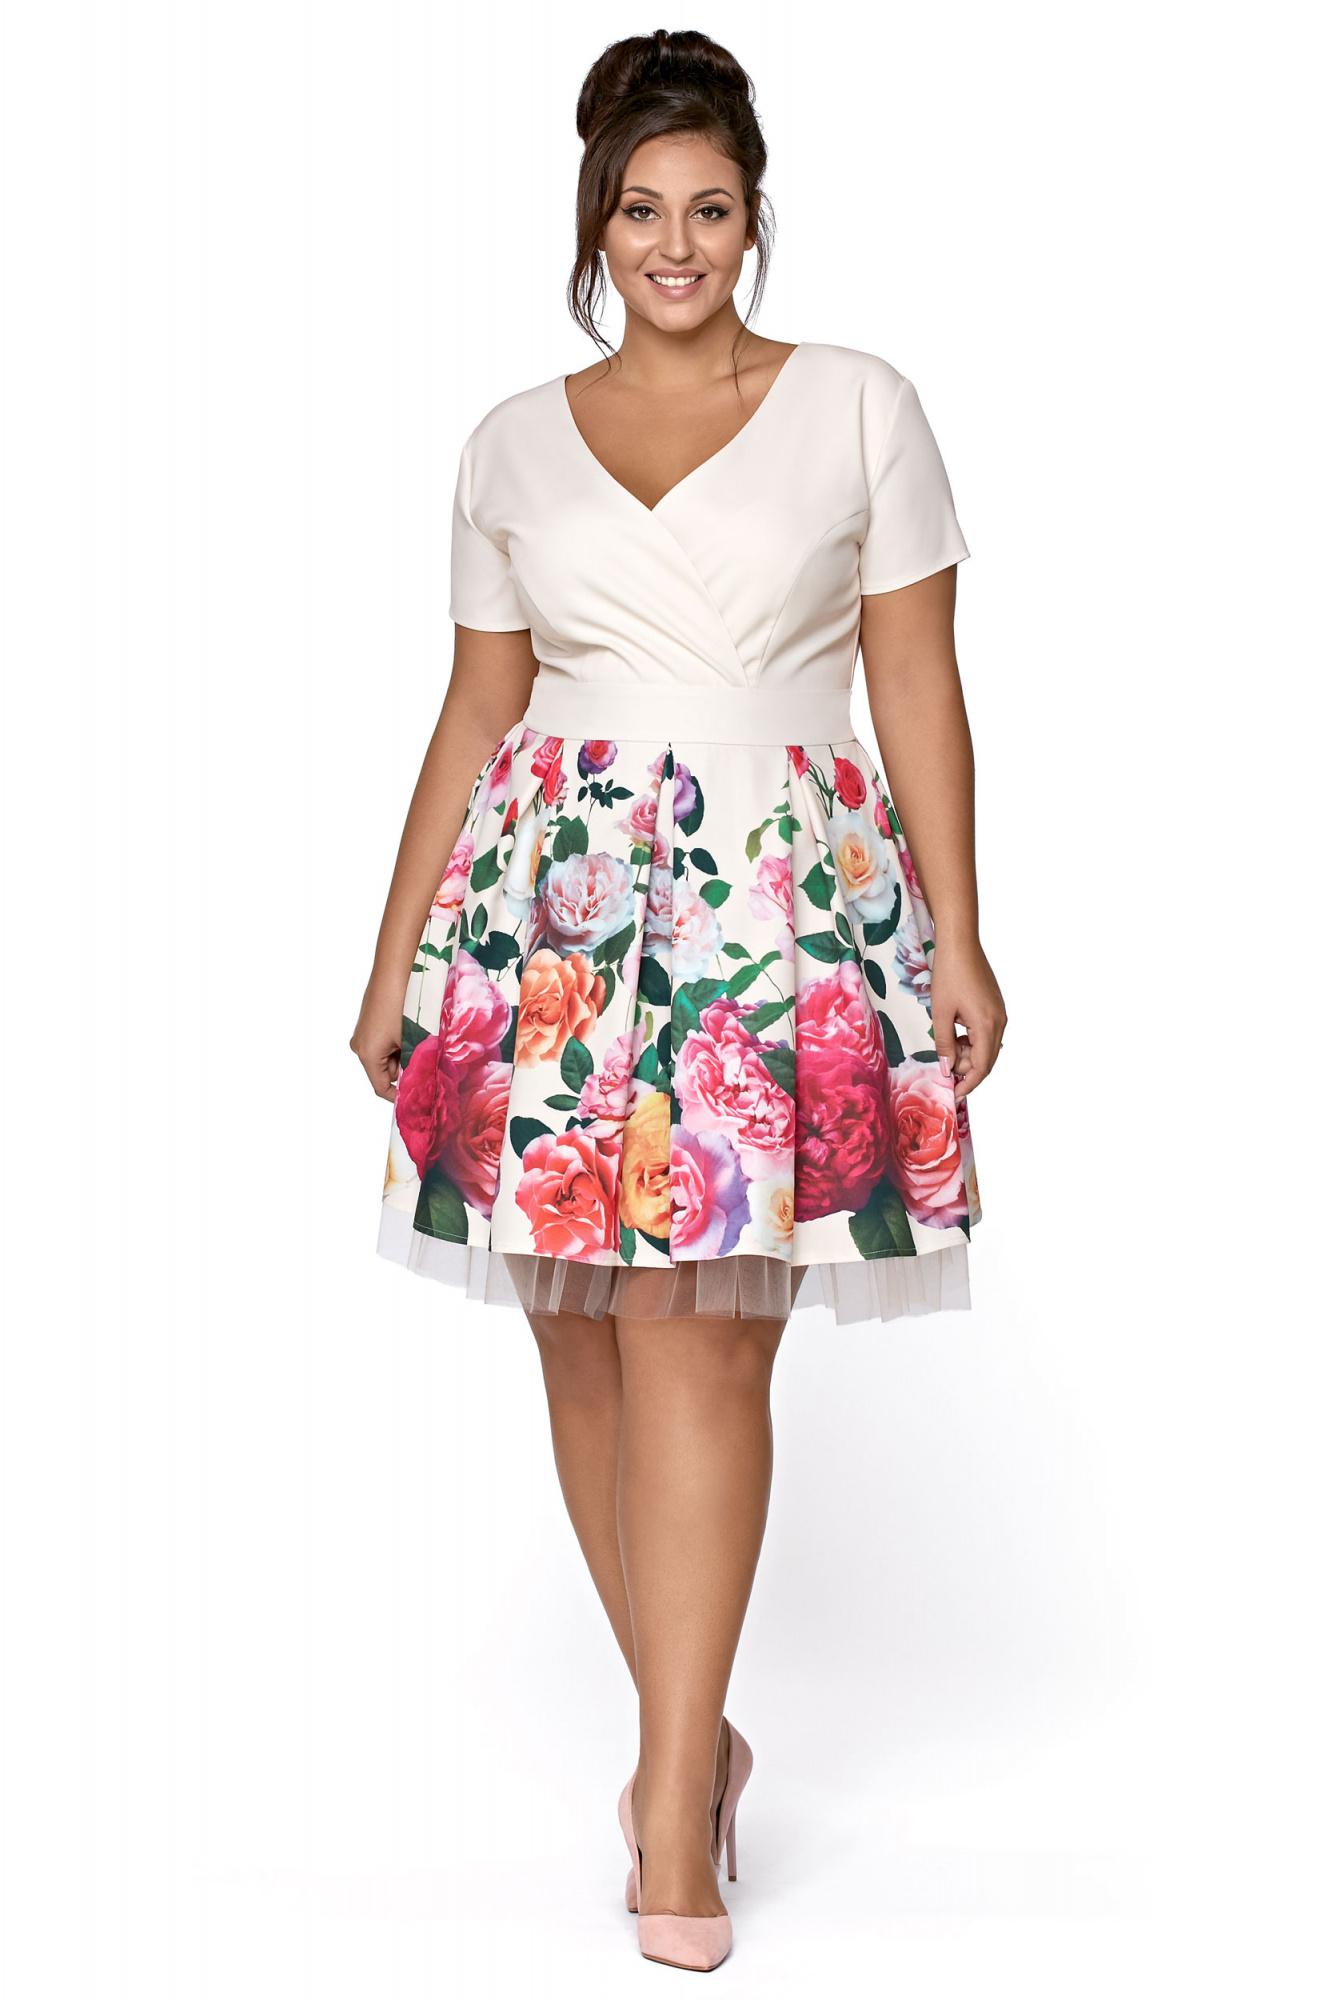 b0ca30b72a Rozkloszowana wizytowa sukienka w kwiaty km223-1ps - ❤ Kartes-Moda ❤